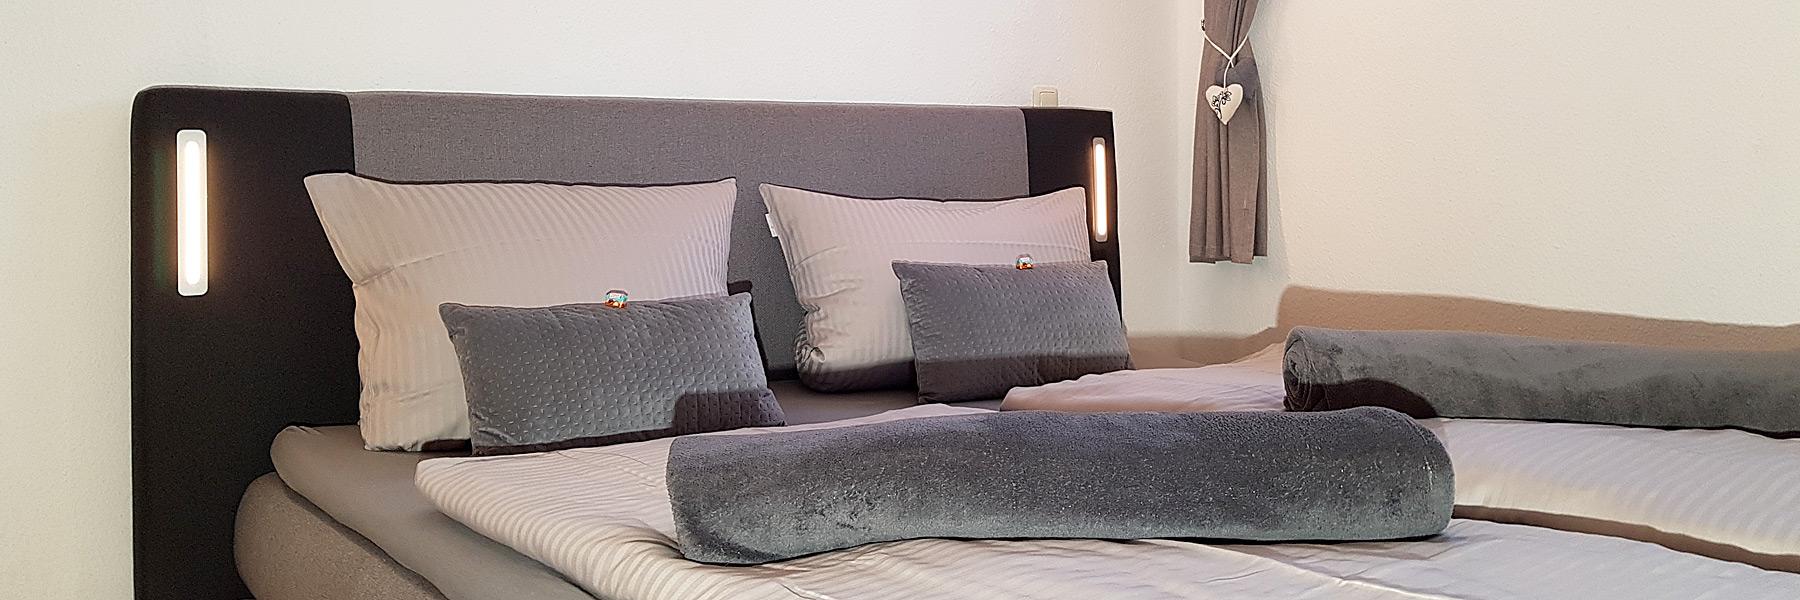 Schlafzimmer - Ferienwohnungen Oliver Stechow